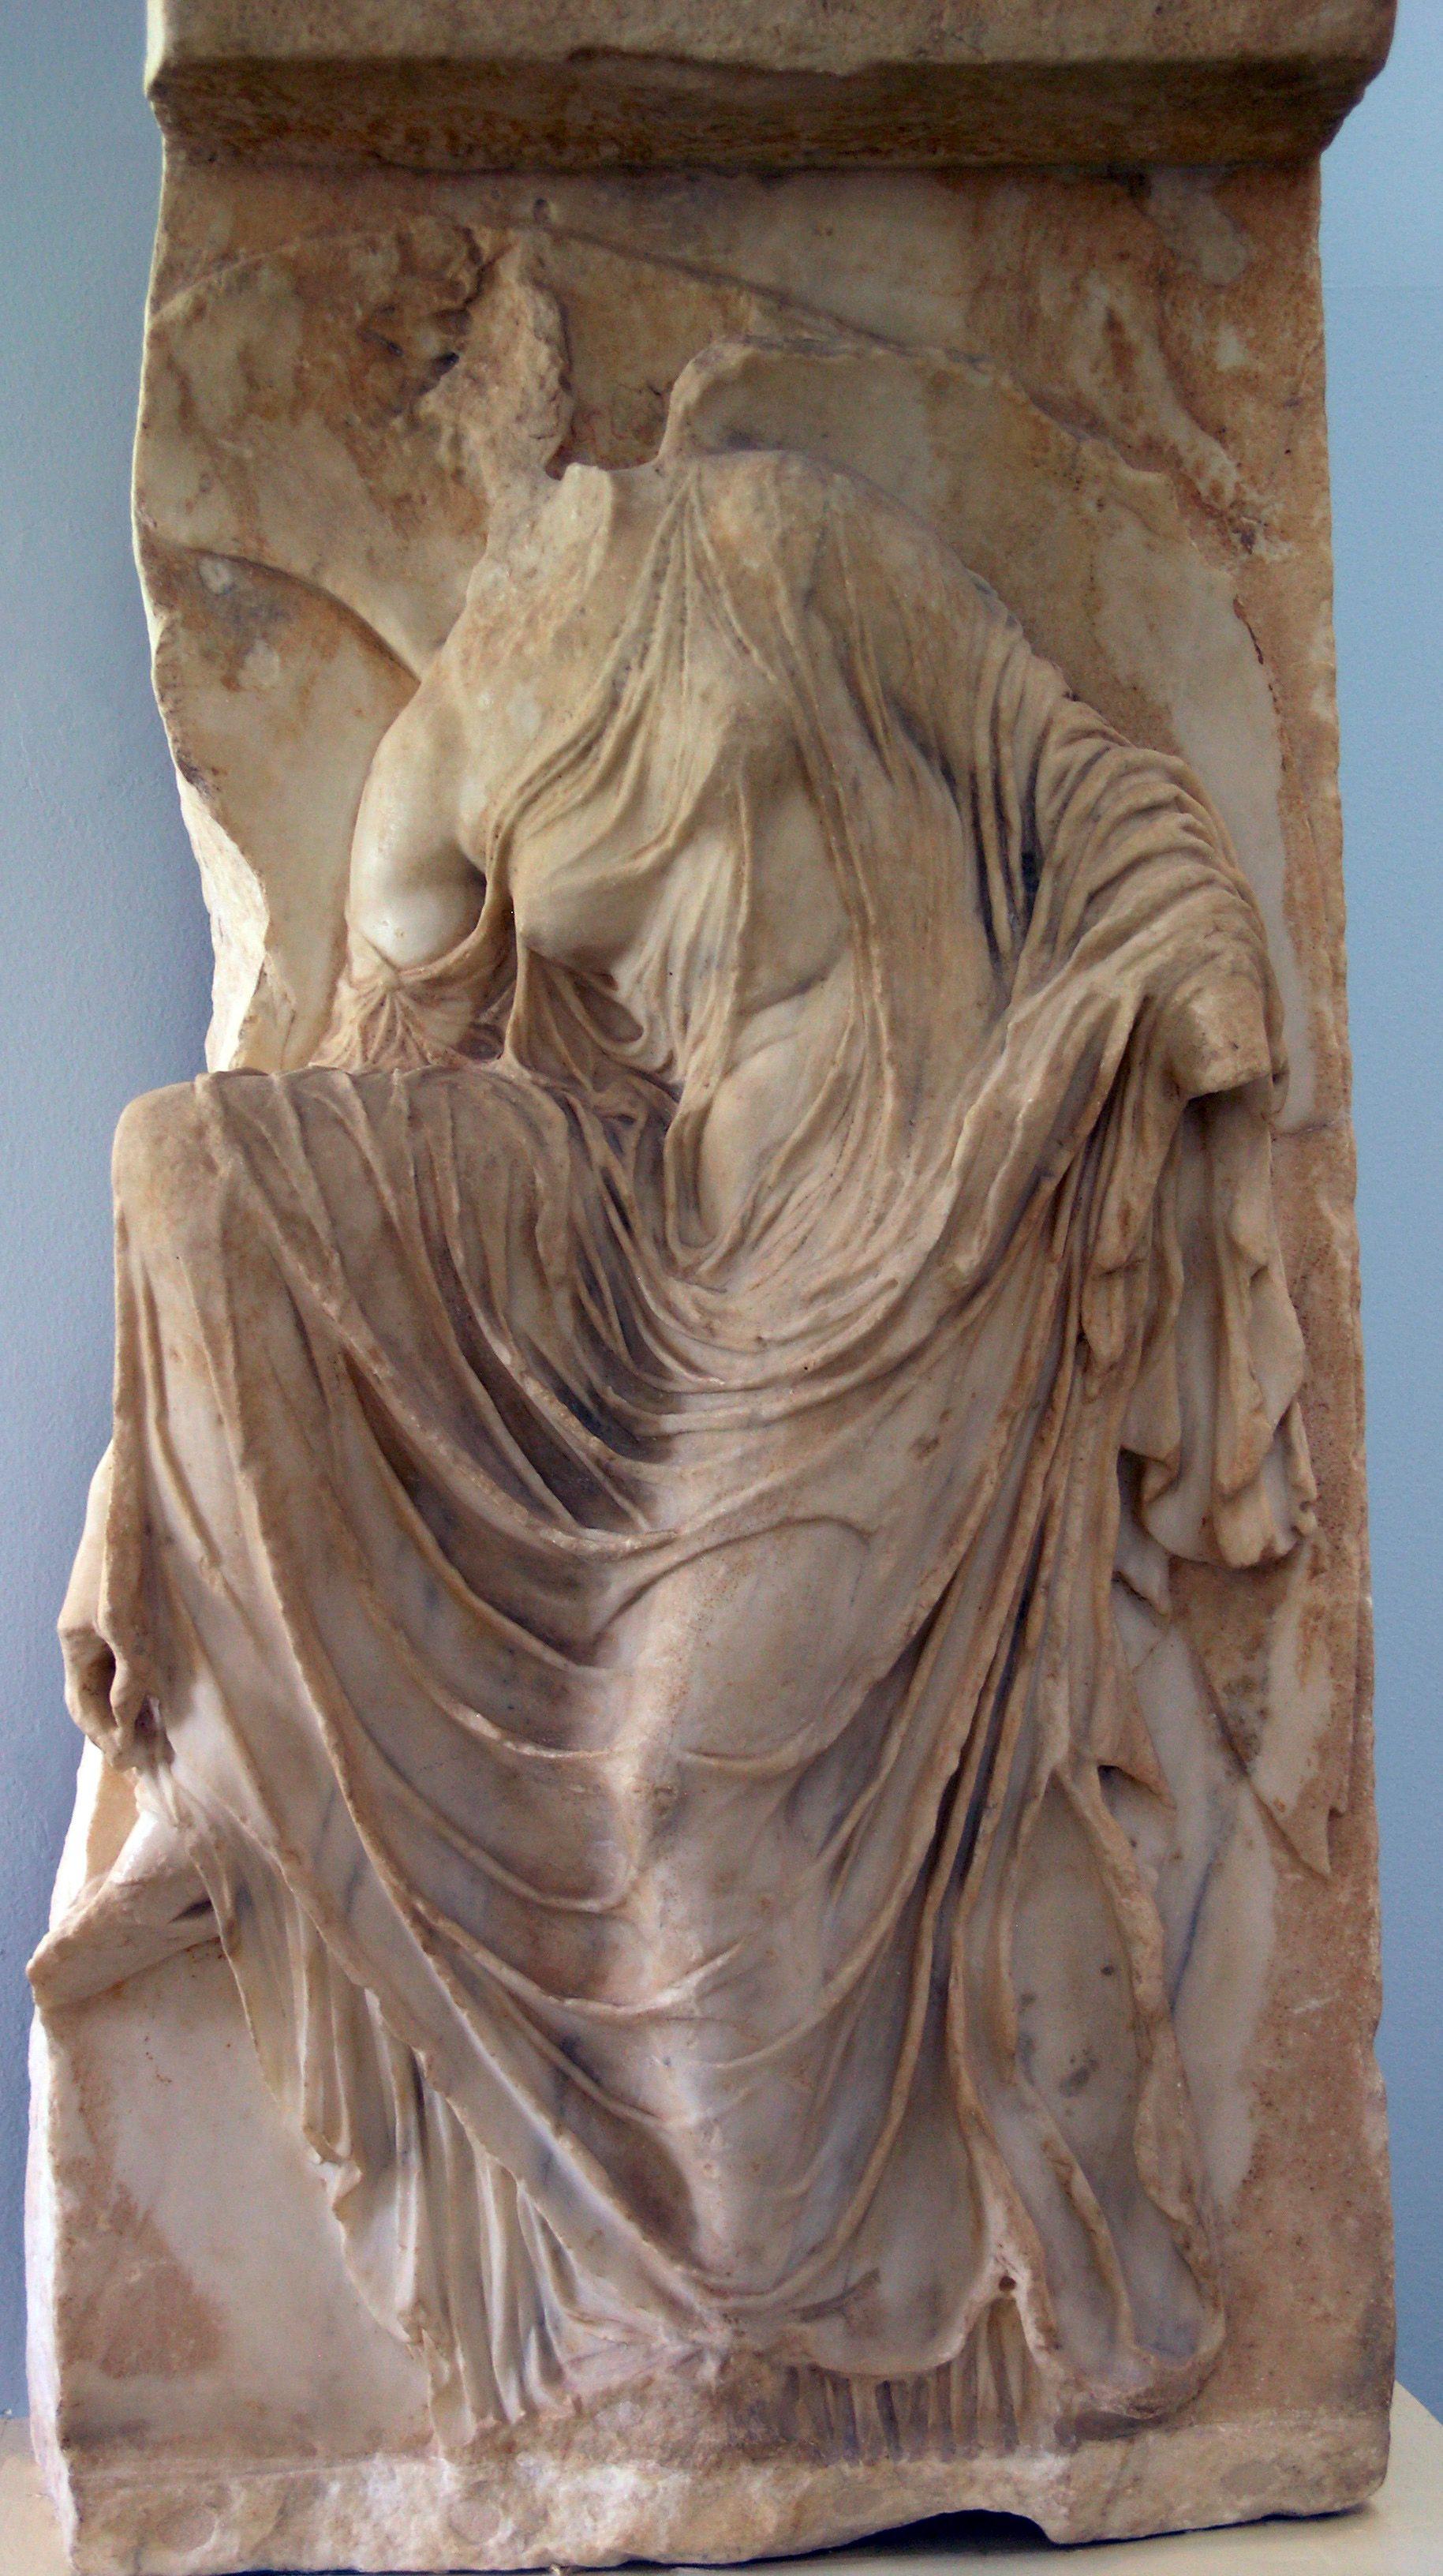 newest 0a91f ecd6f La diosa Nike Atenea, representada como Victoria, desatándose una sandalia.  (Atenas, finales del siglo a. C.)25